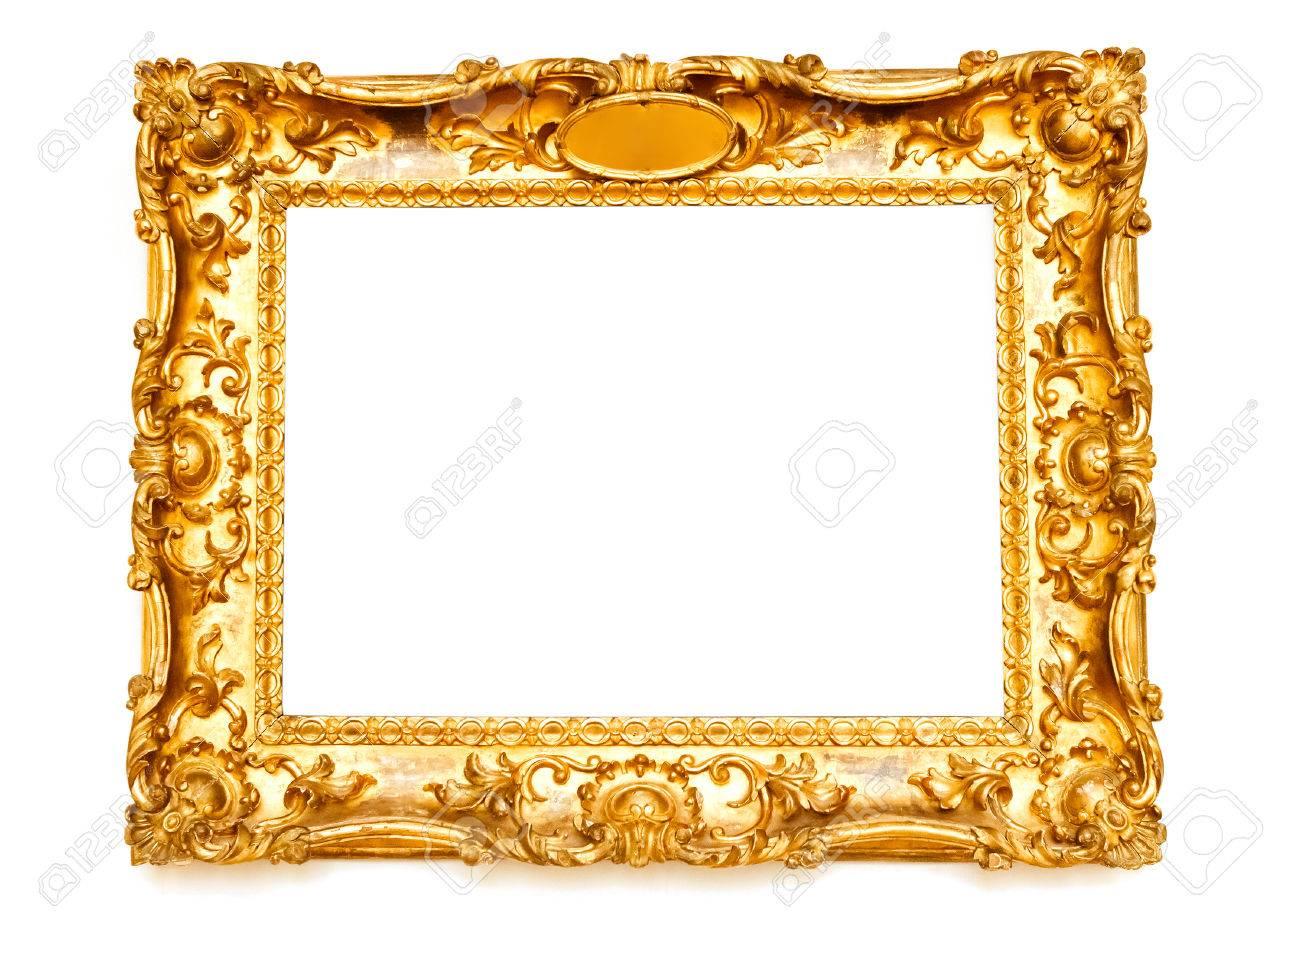 Golden frame - 46745965